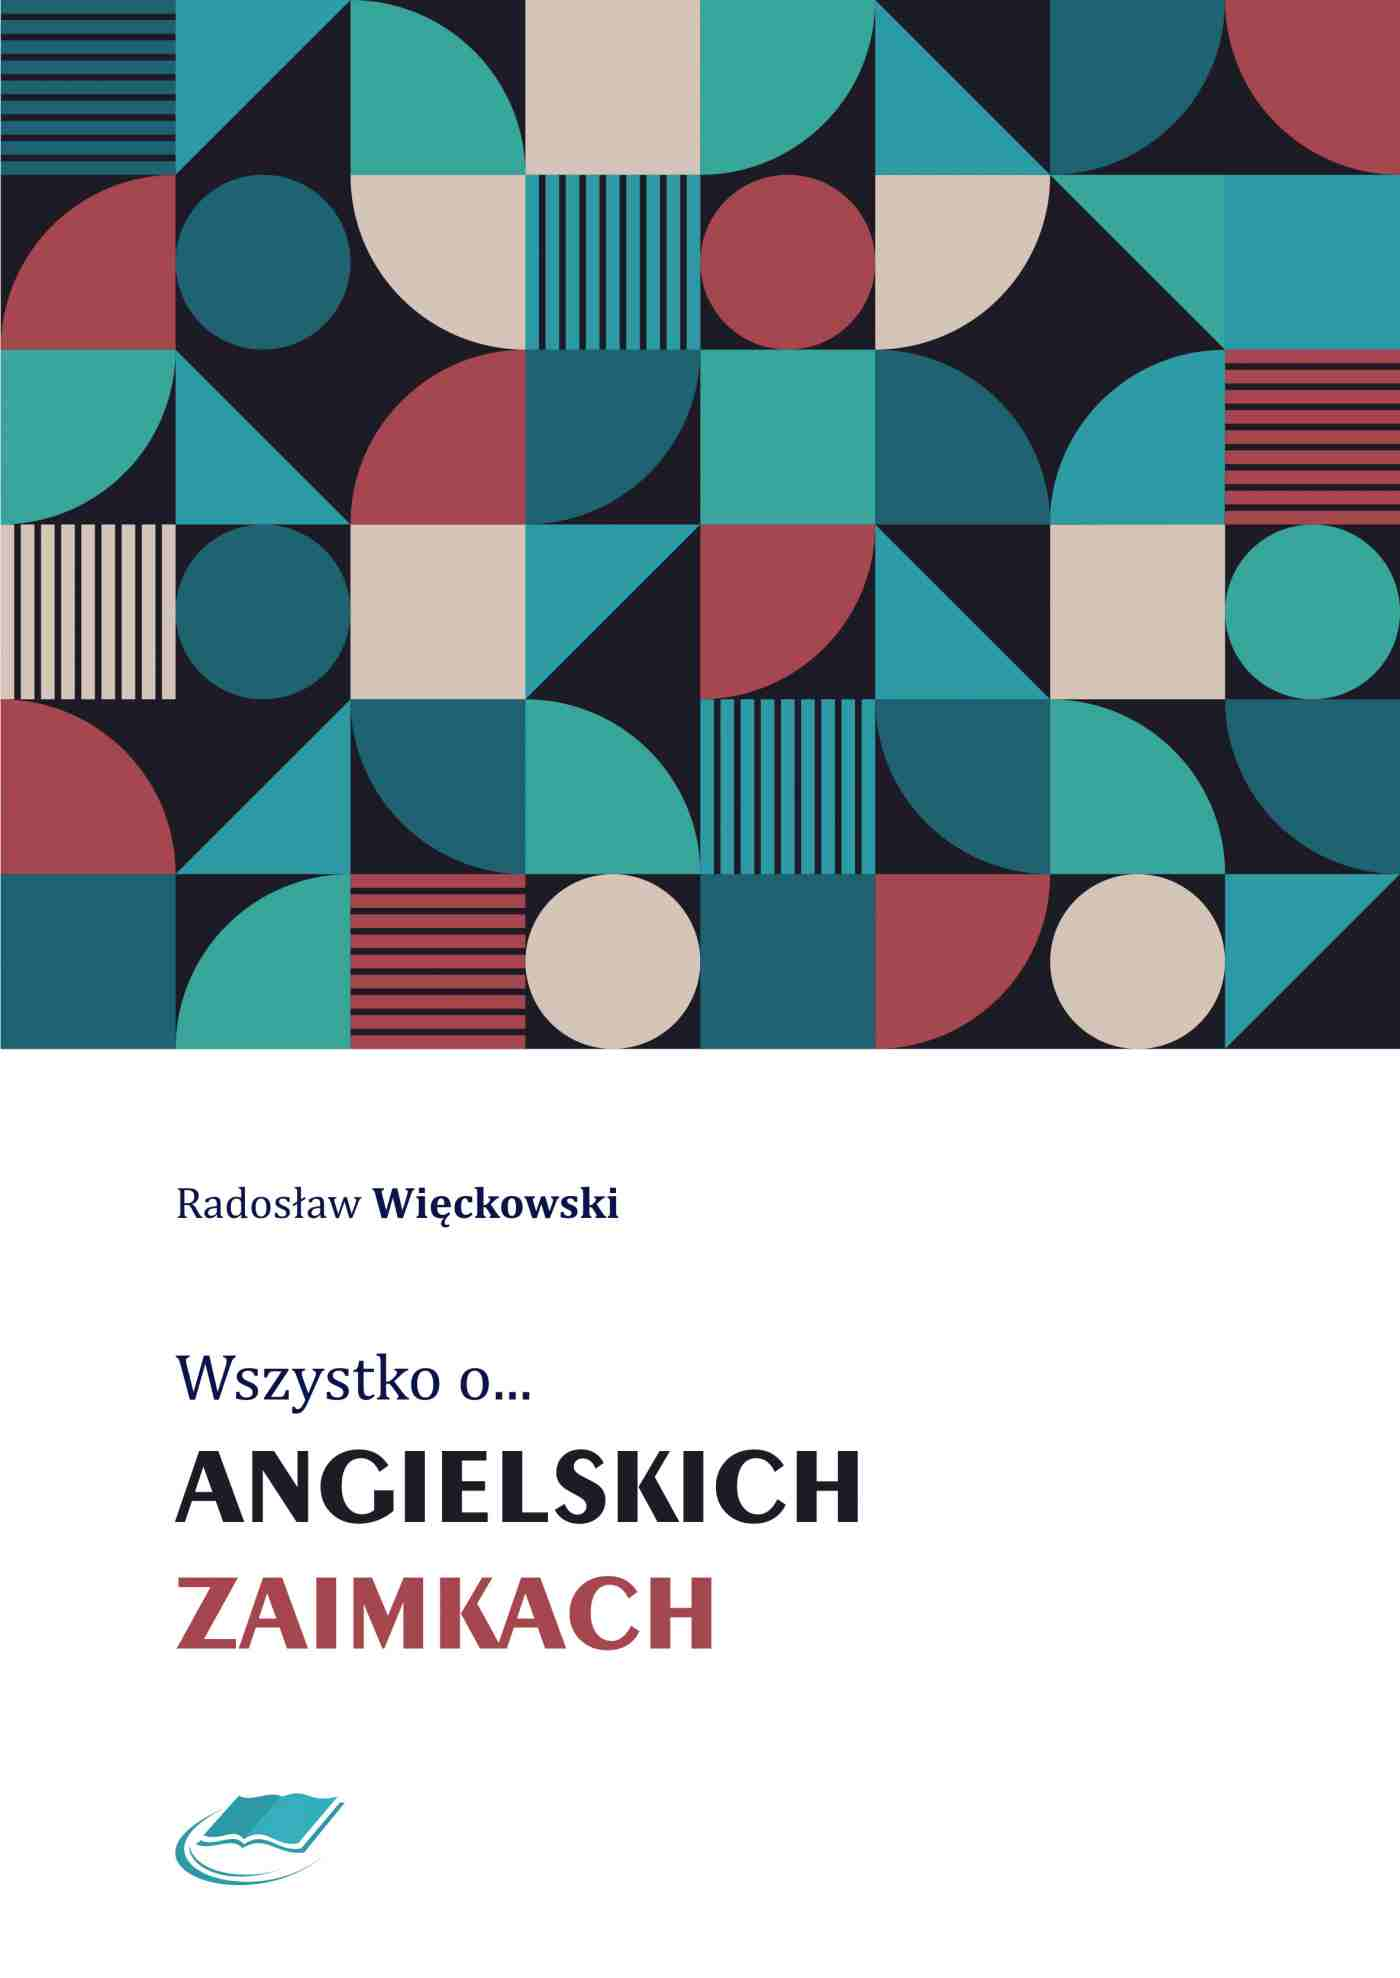 Wszystko o angielskich zaimkach - Ebook (Książka PDF) do pobrania w formacie PDF